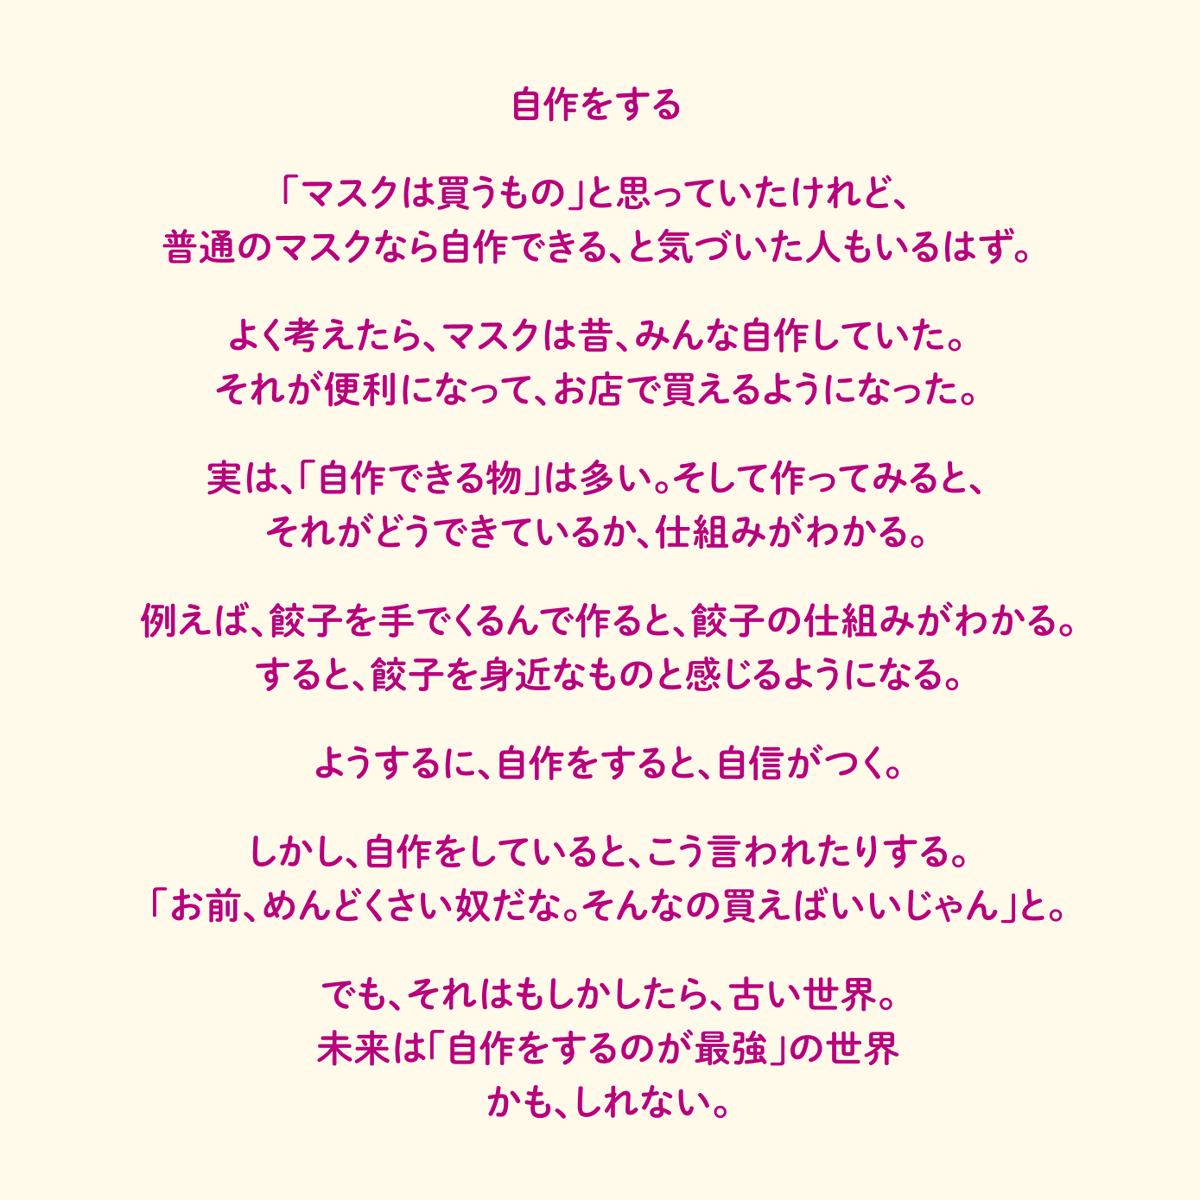 健二 ツイッター 小沢